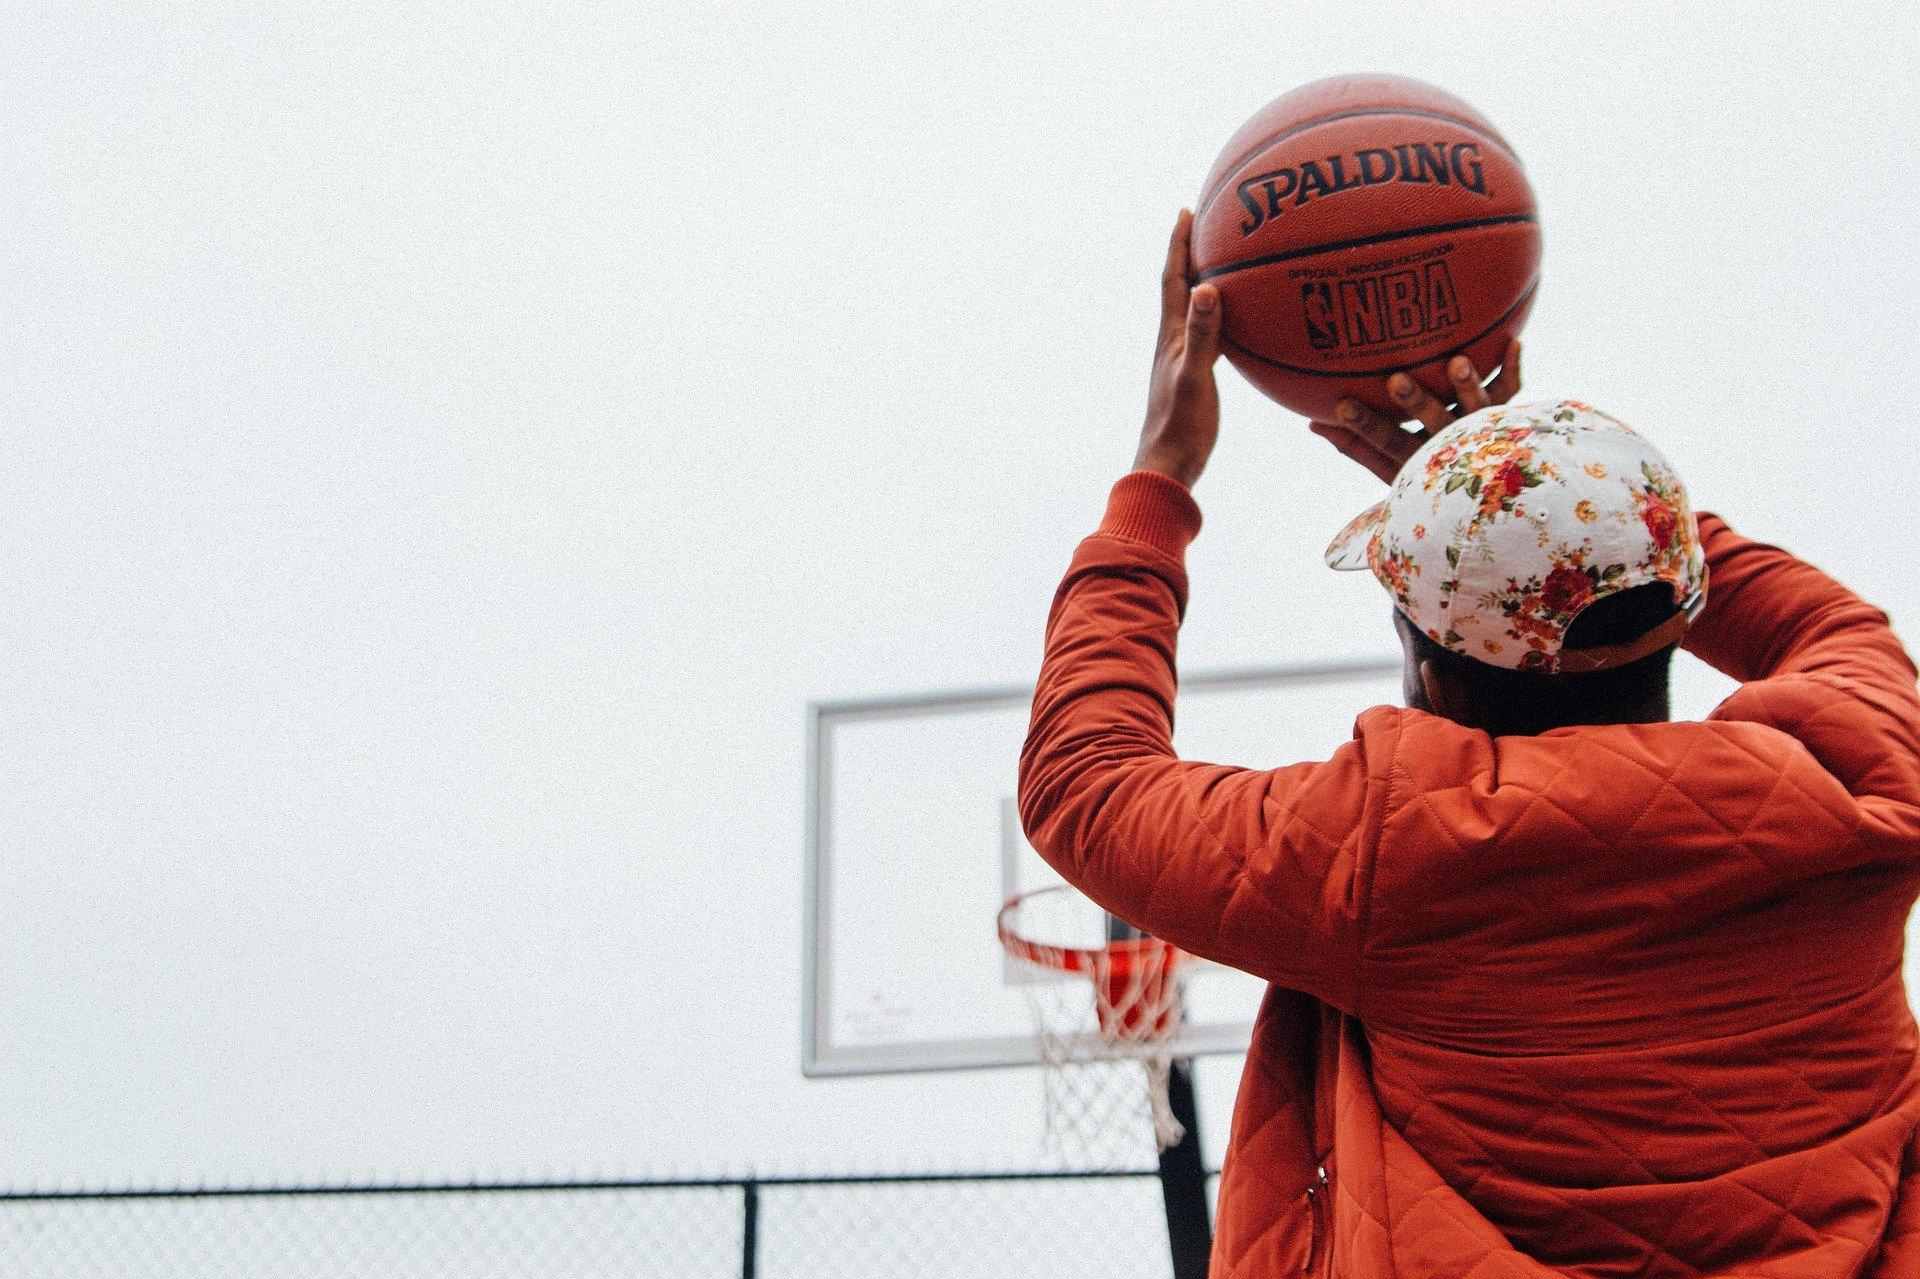 Pourquoi les ballons de basket sont orange ? Question insolite